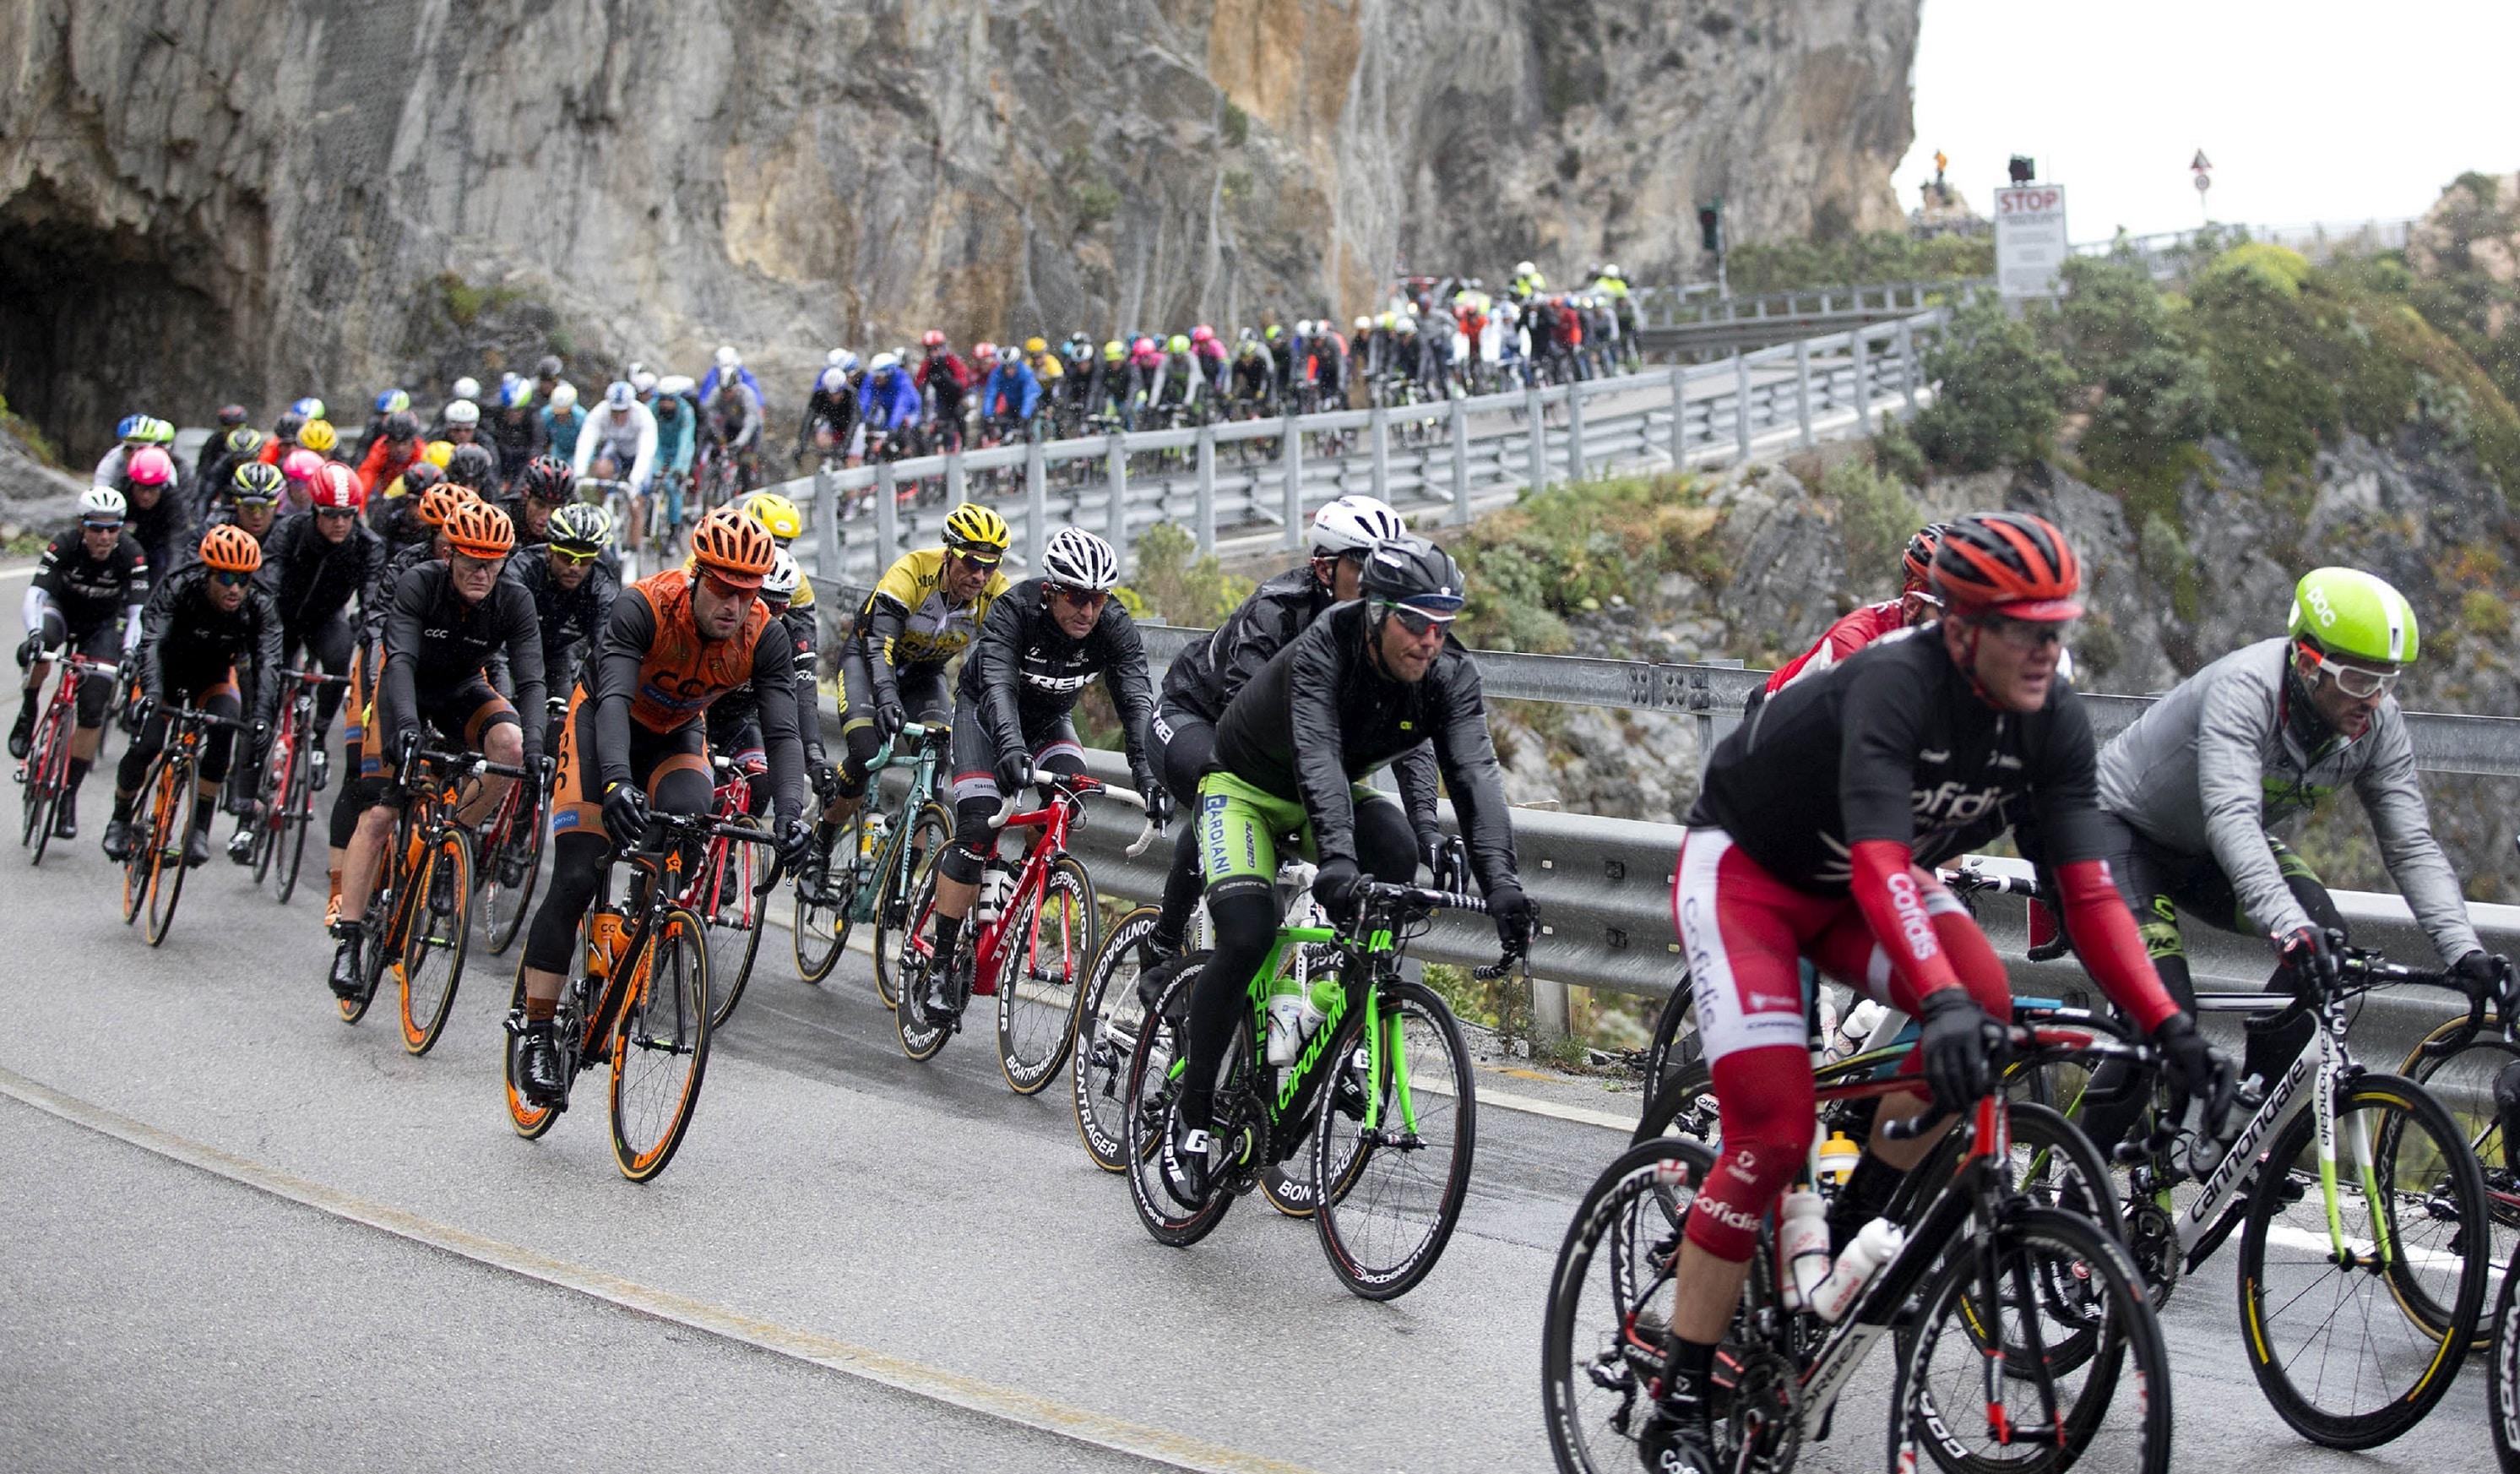 """Dal 1907, la Milano-Sanremo, la cosiddetta """"Classicissima di Primavera"""", incanta milioni di appassionati di ciclismo e non solo. Il 18 marzo ai nastri di partenza a ridosso del maestoso Castello…"""